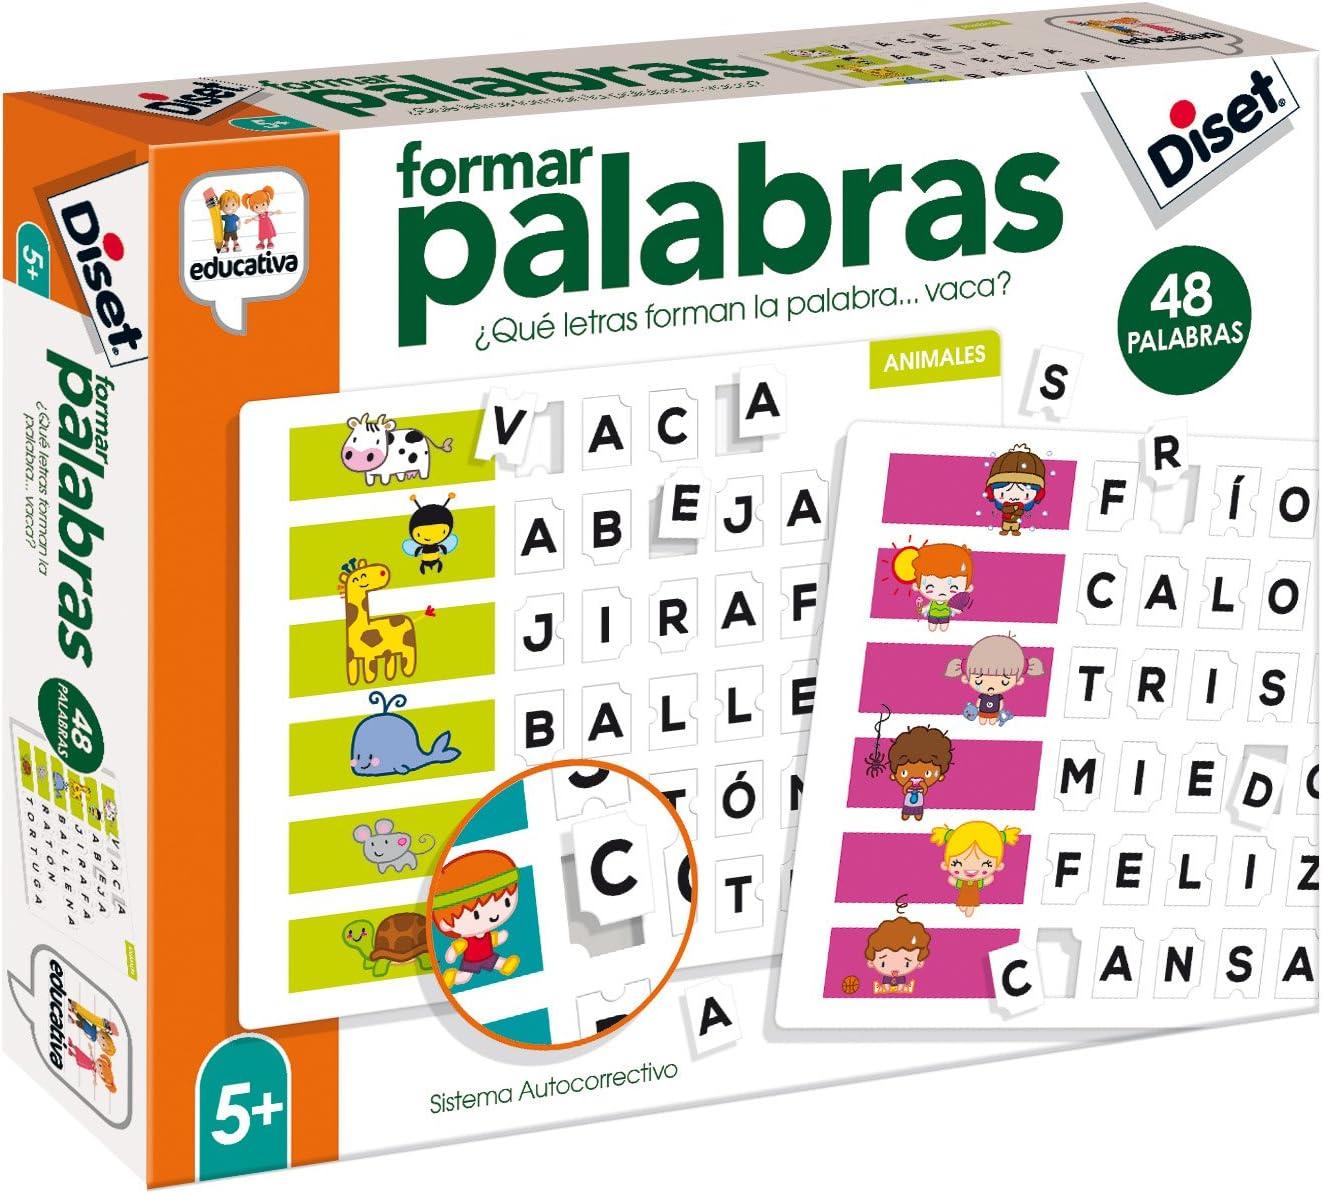 Diset- Aprendo 5 años Juguete educativos Formar Palabras (68952) , color/modelo surtido: Amazon.es: Juguetes y juegos